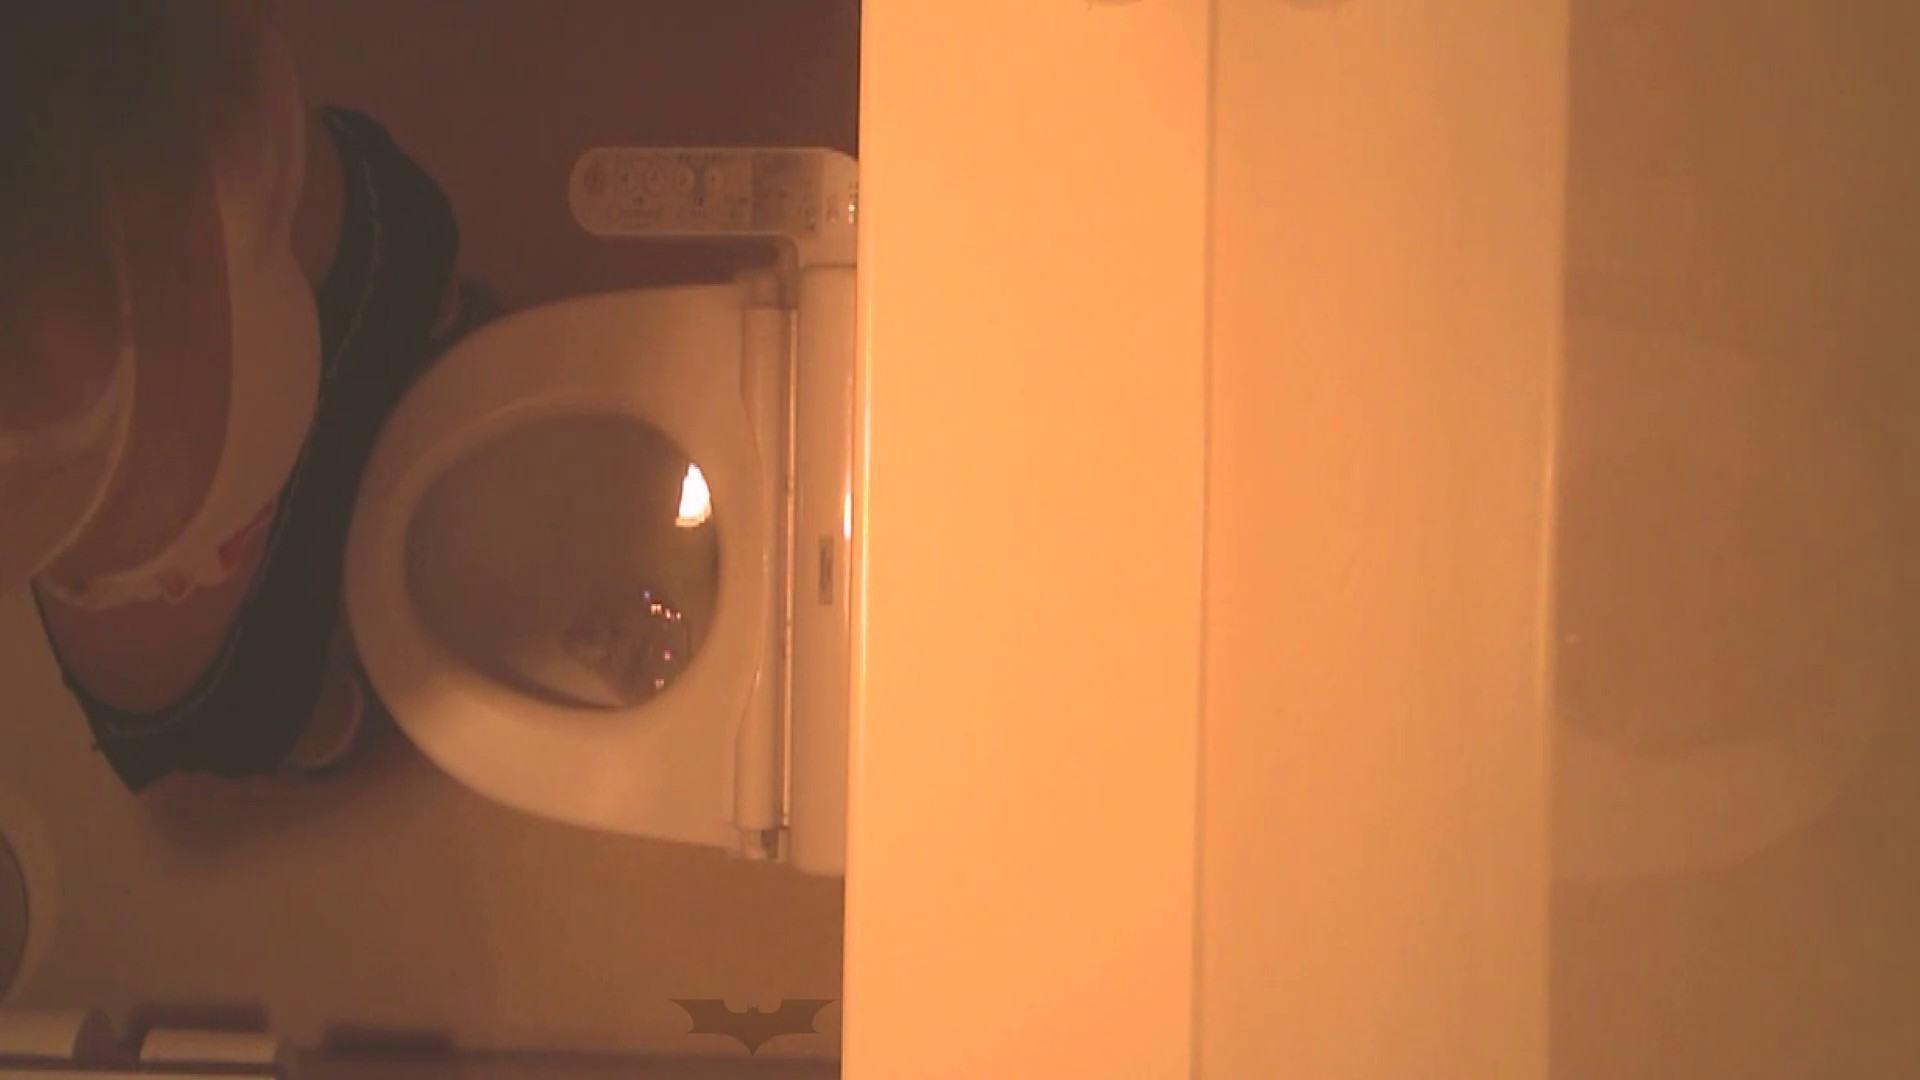 潜入!!全国女子洗面所盗撮 Vol.07 高画質 オメコ動画キャプチャ 110画像 92